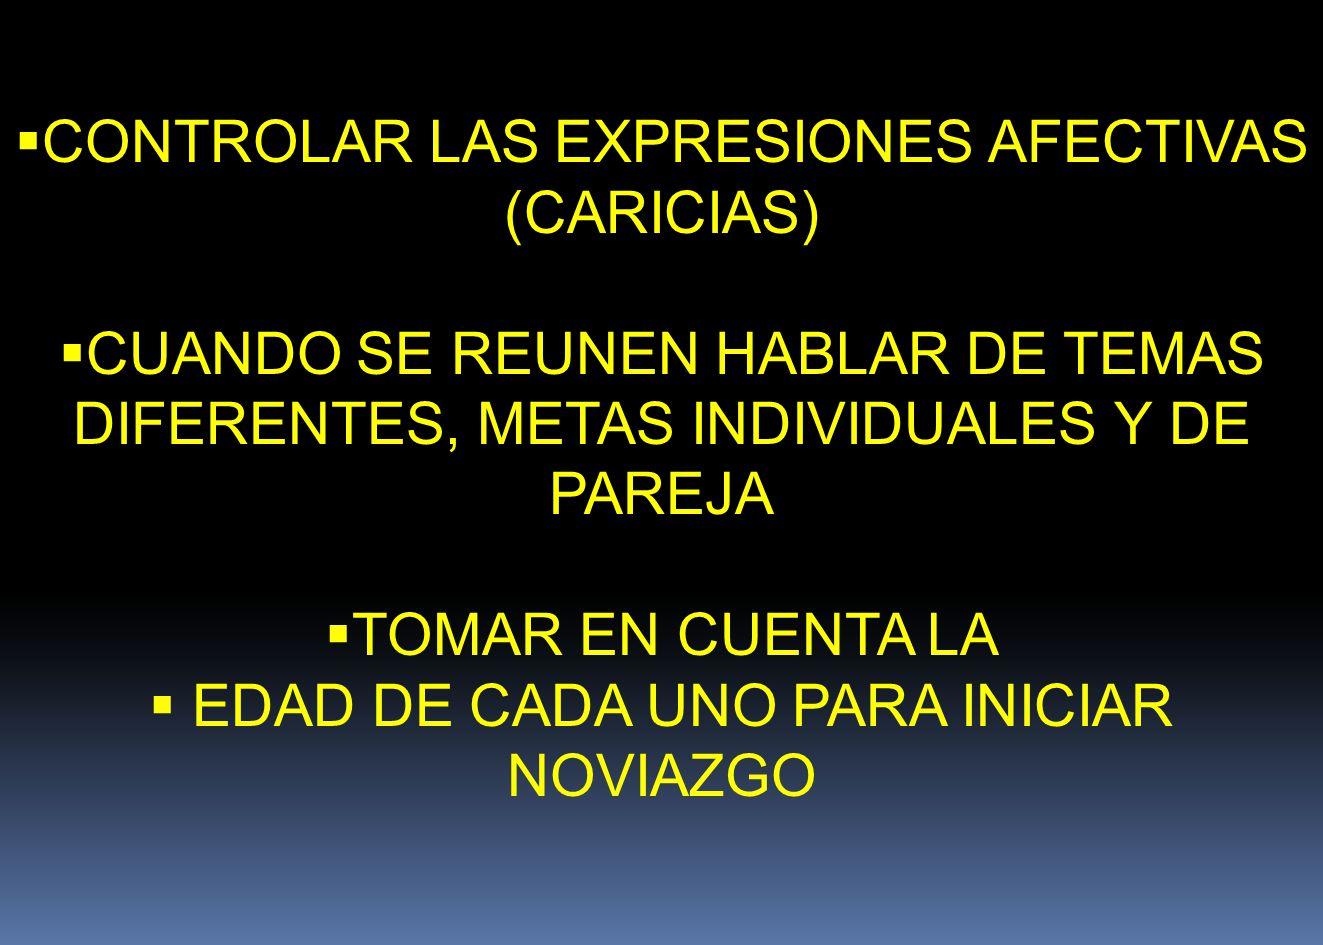 CONTROLAR LAS EXPRESIONES AFECTIVAS (CARICIAS)